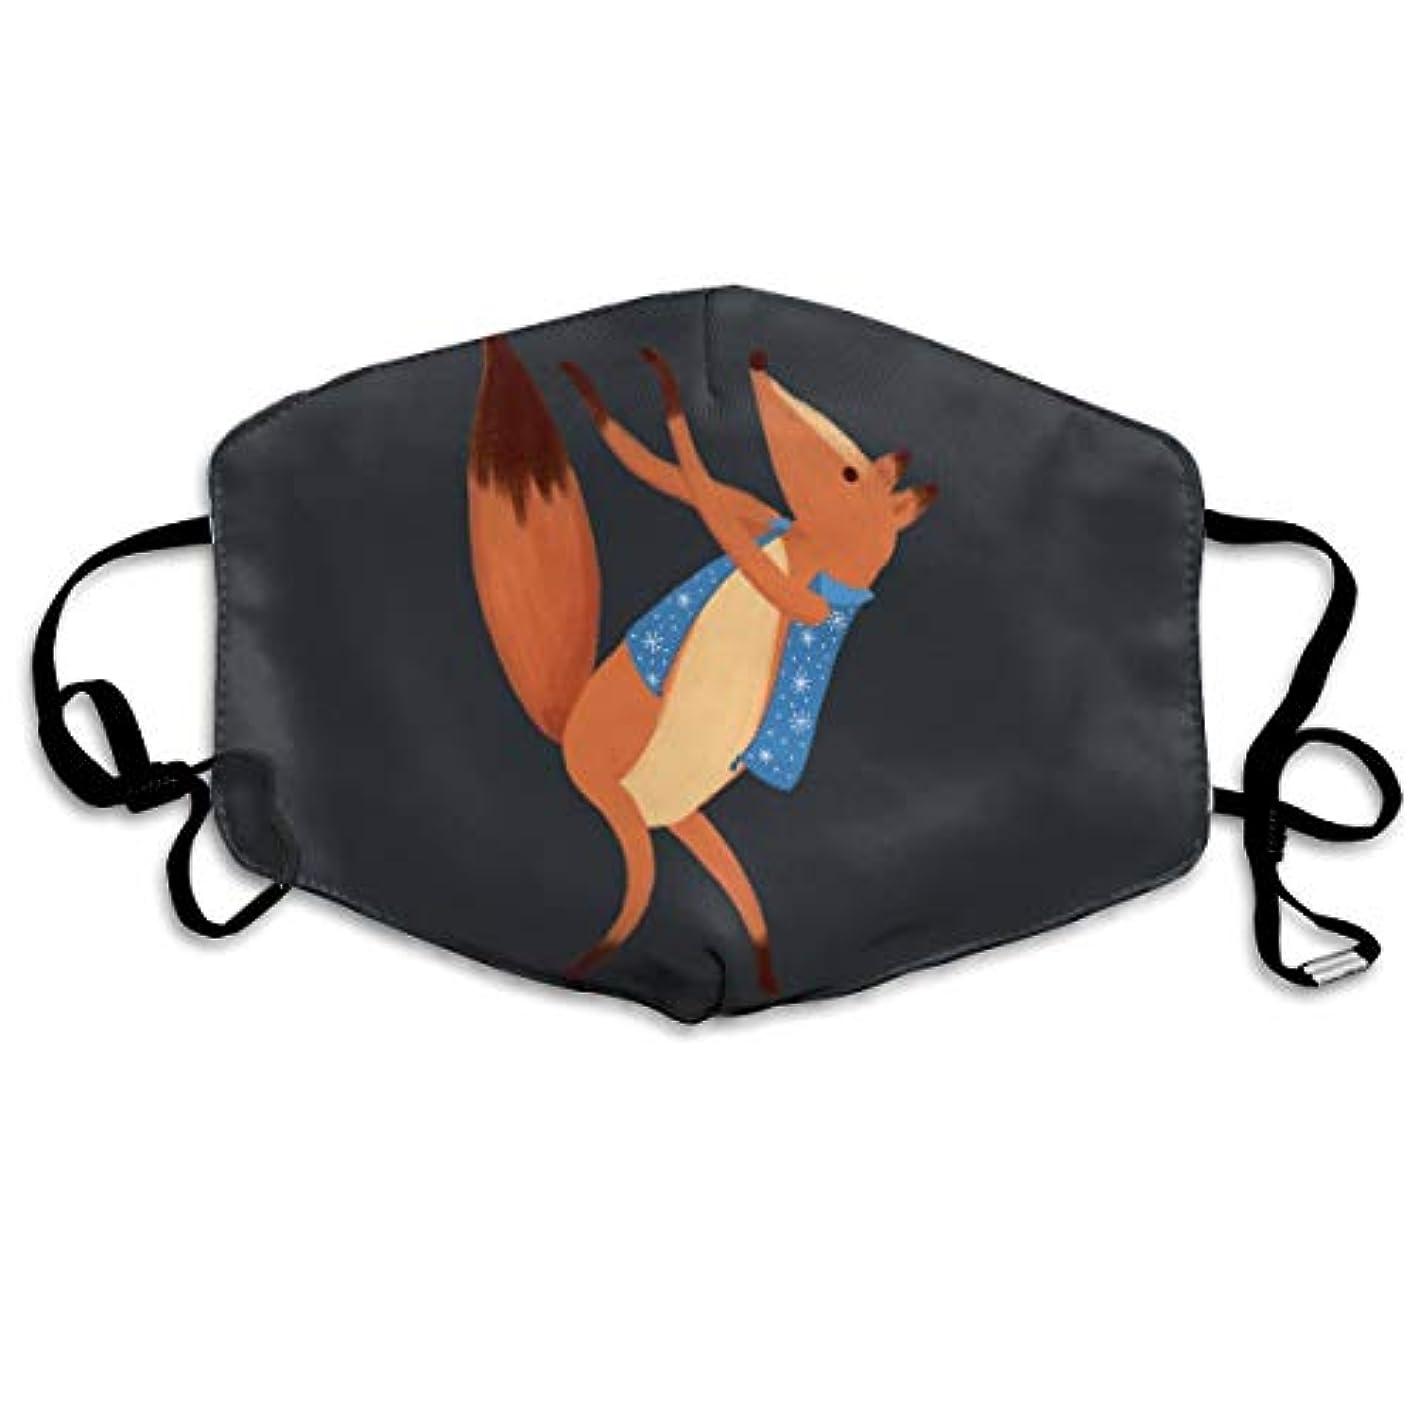 医療過誤置くためにパックホバーMorningligh Funny Foxes_by Stella3-01 マスク 使い捨てマスク ファッションマスク 個別包装 まとめ買い 防災 避難 緊急 抗菌 花粉症予防 風邪予防 男女兼用 健康を守るため